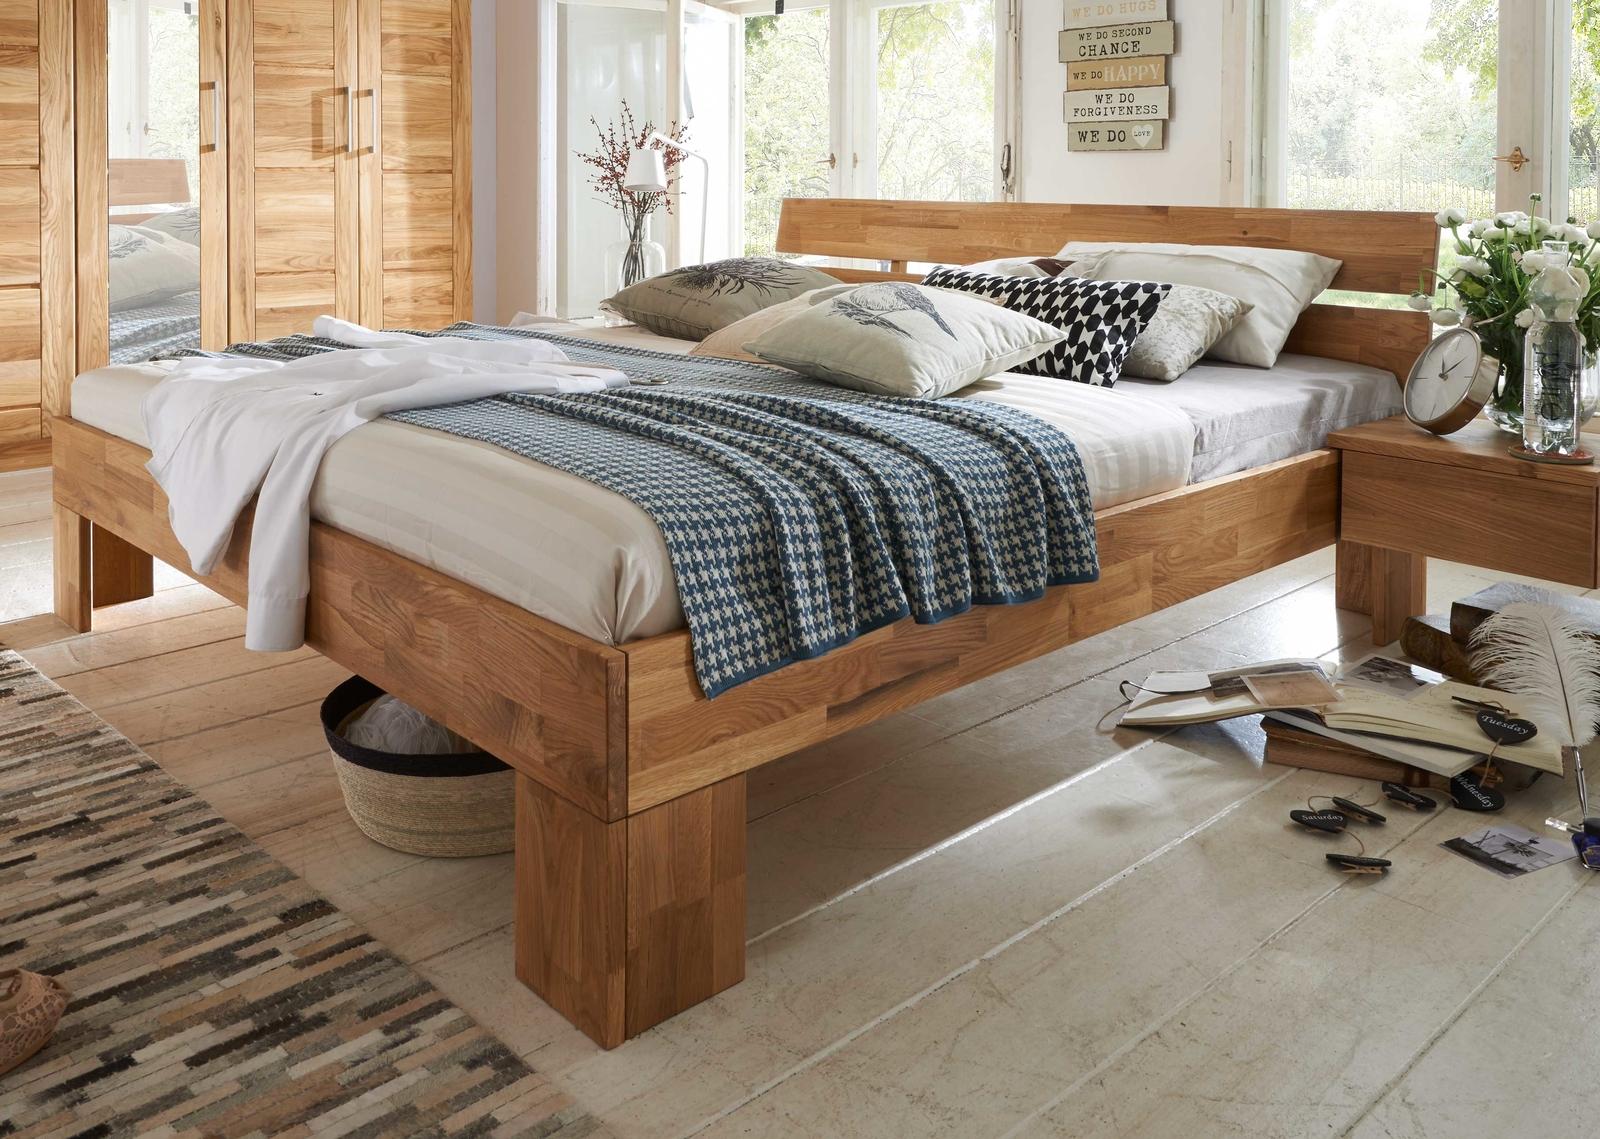 Doppelbett Schlafzimmer Wildeiche Massiv NECST